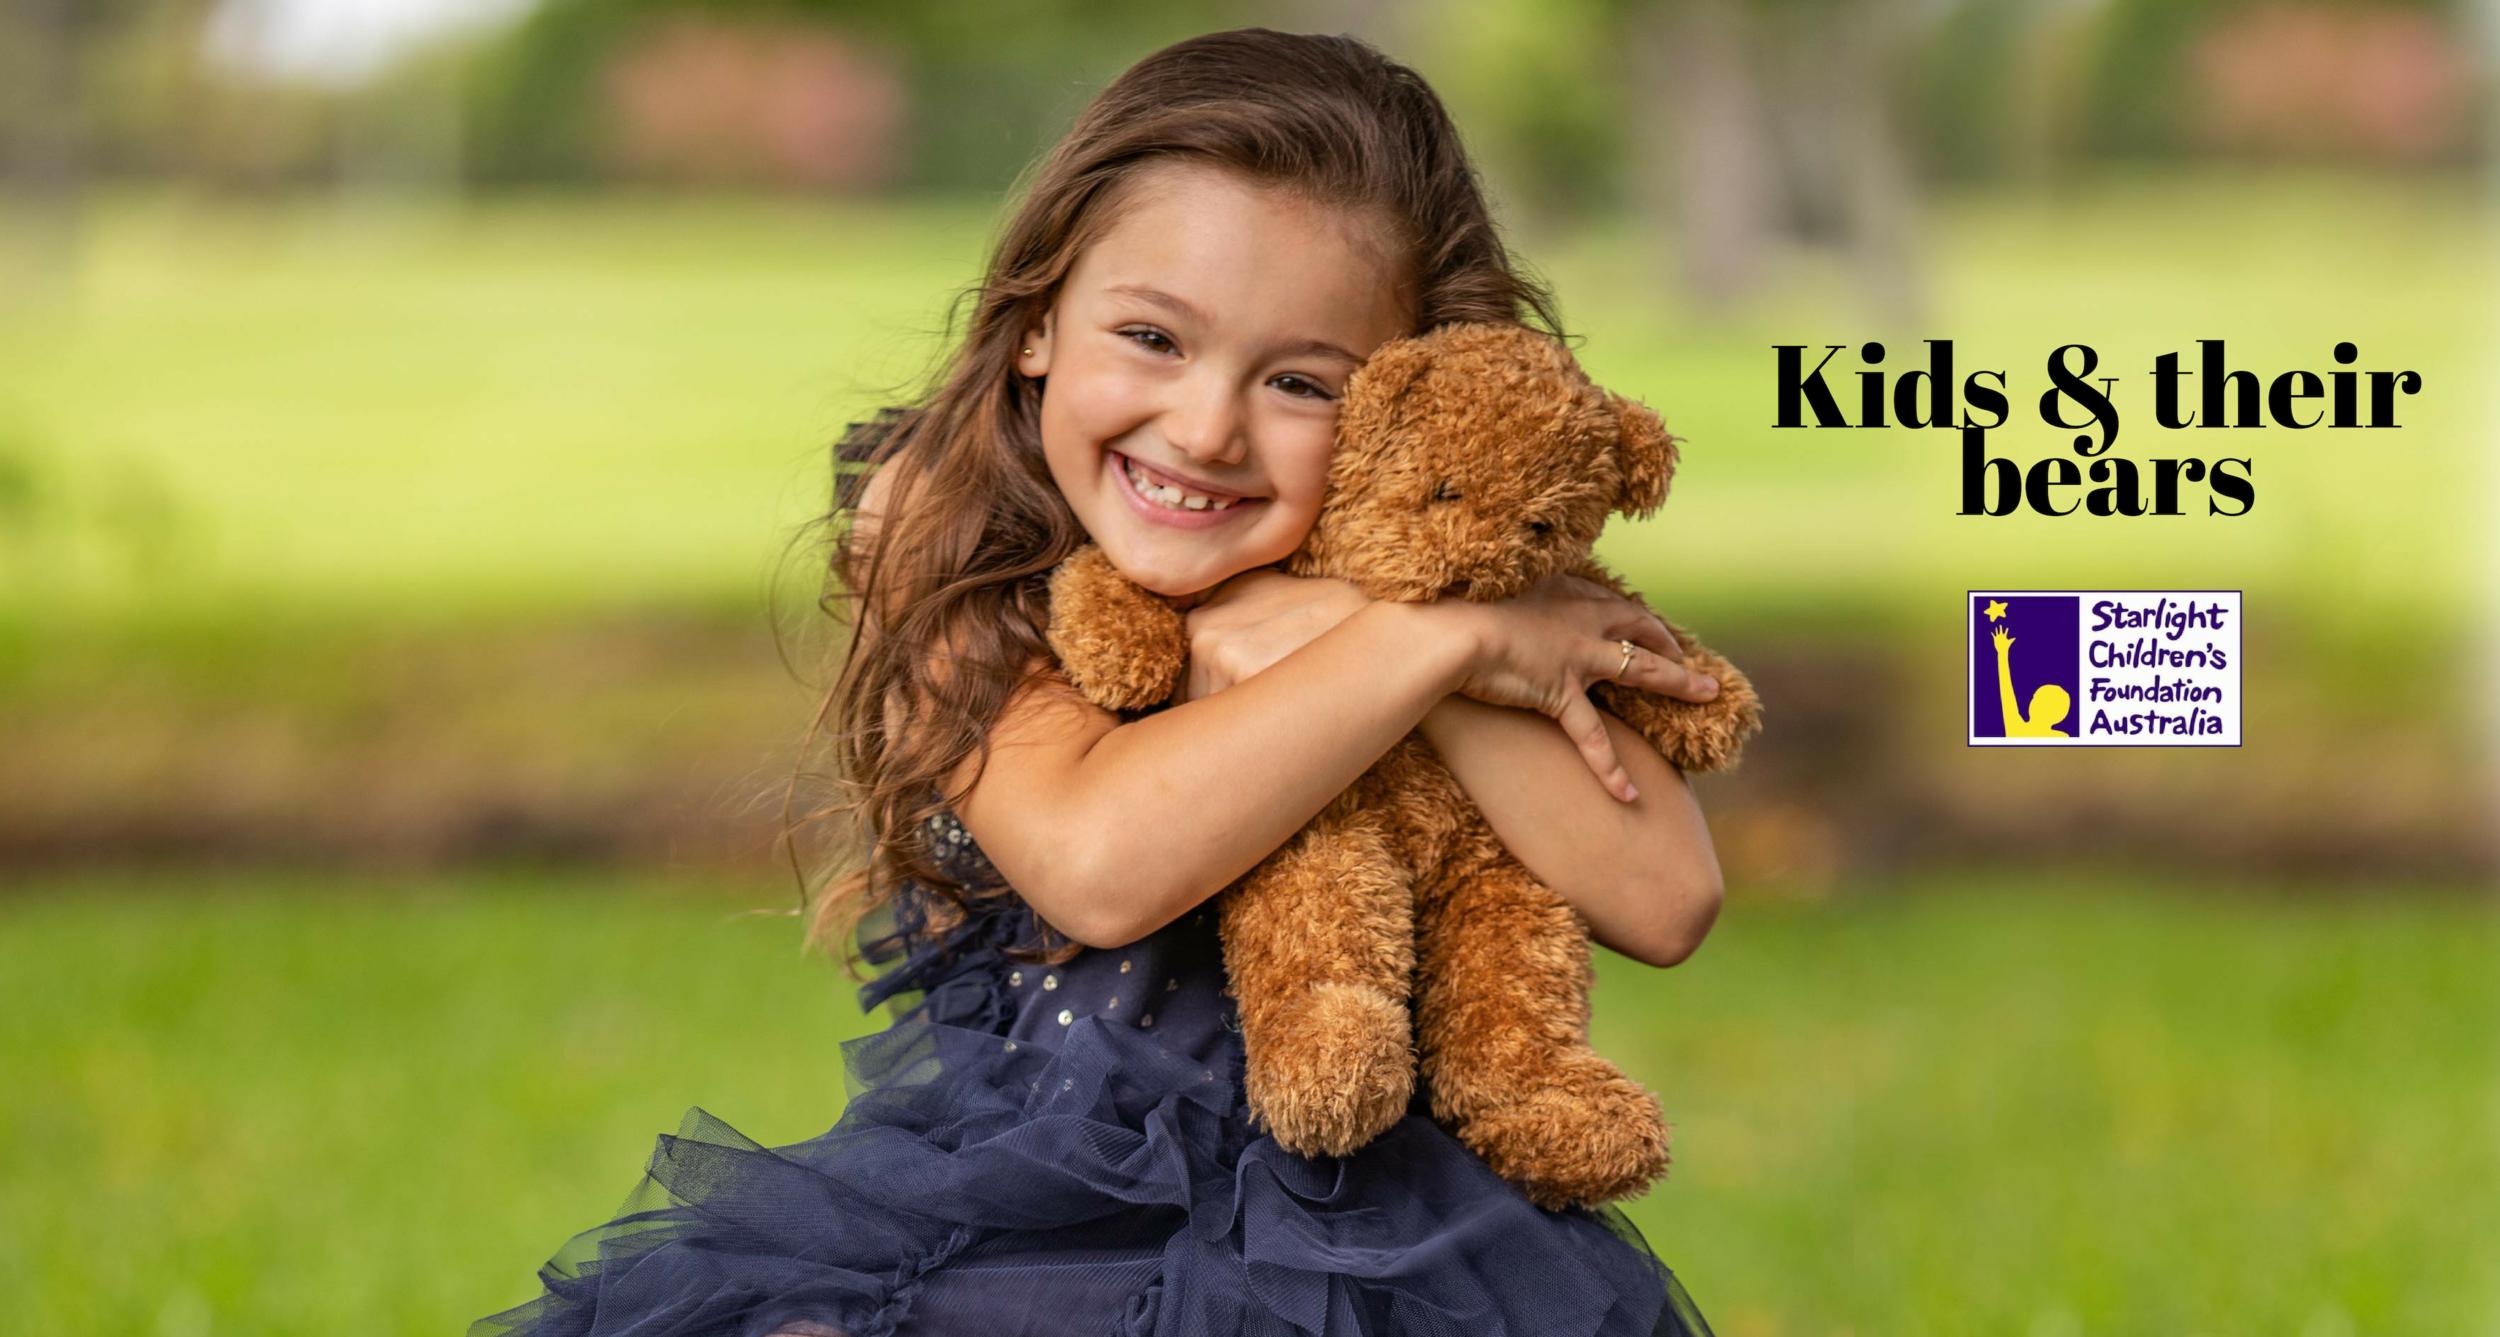 Kids & their bears-2.png